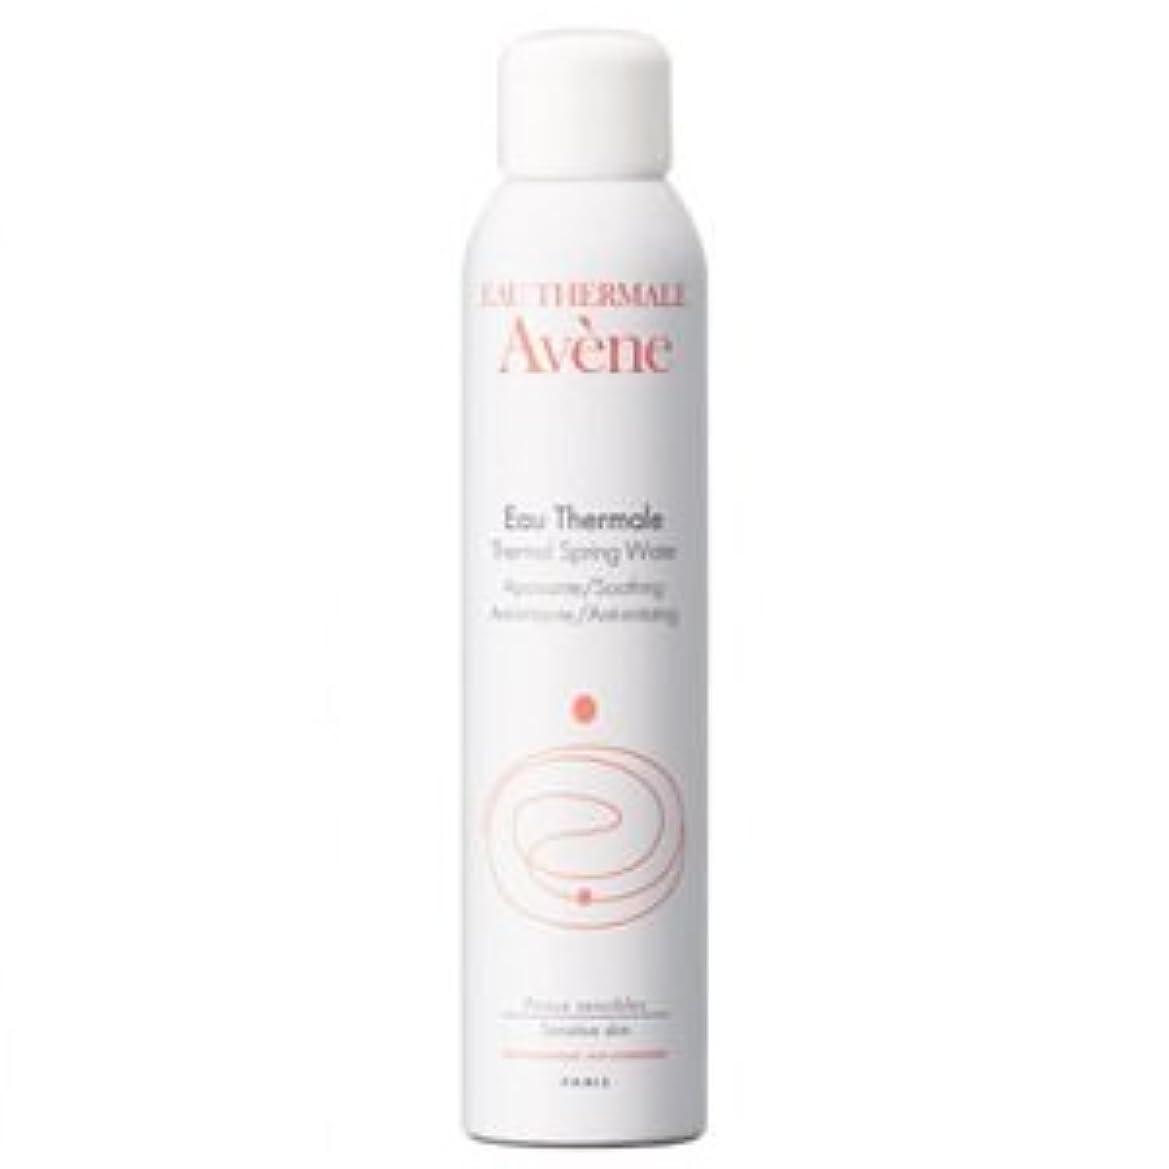 販売員一掃する保証アベンヌ ウオーター 300g 敏感肌用化粧水